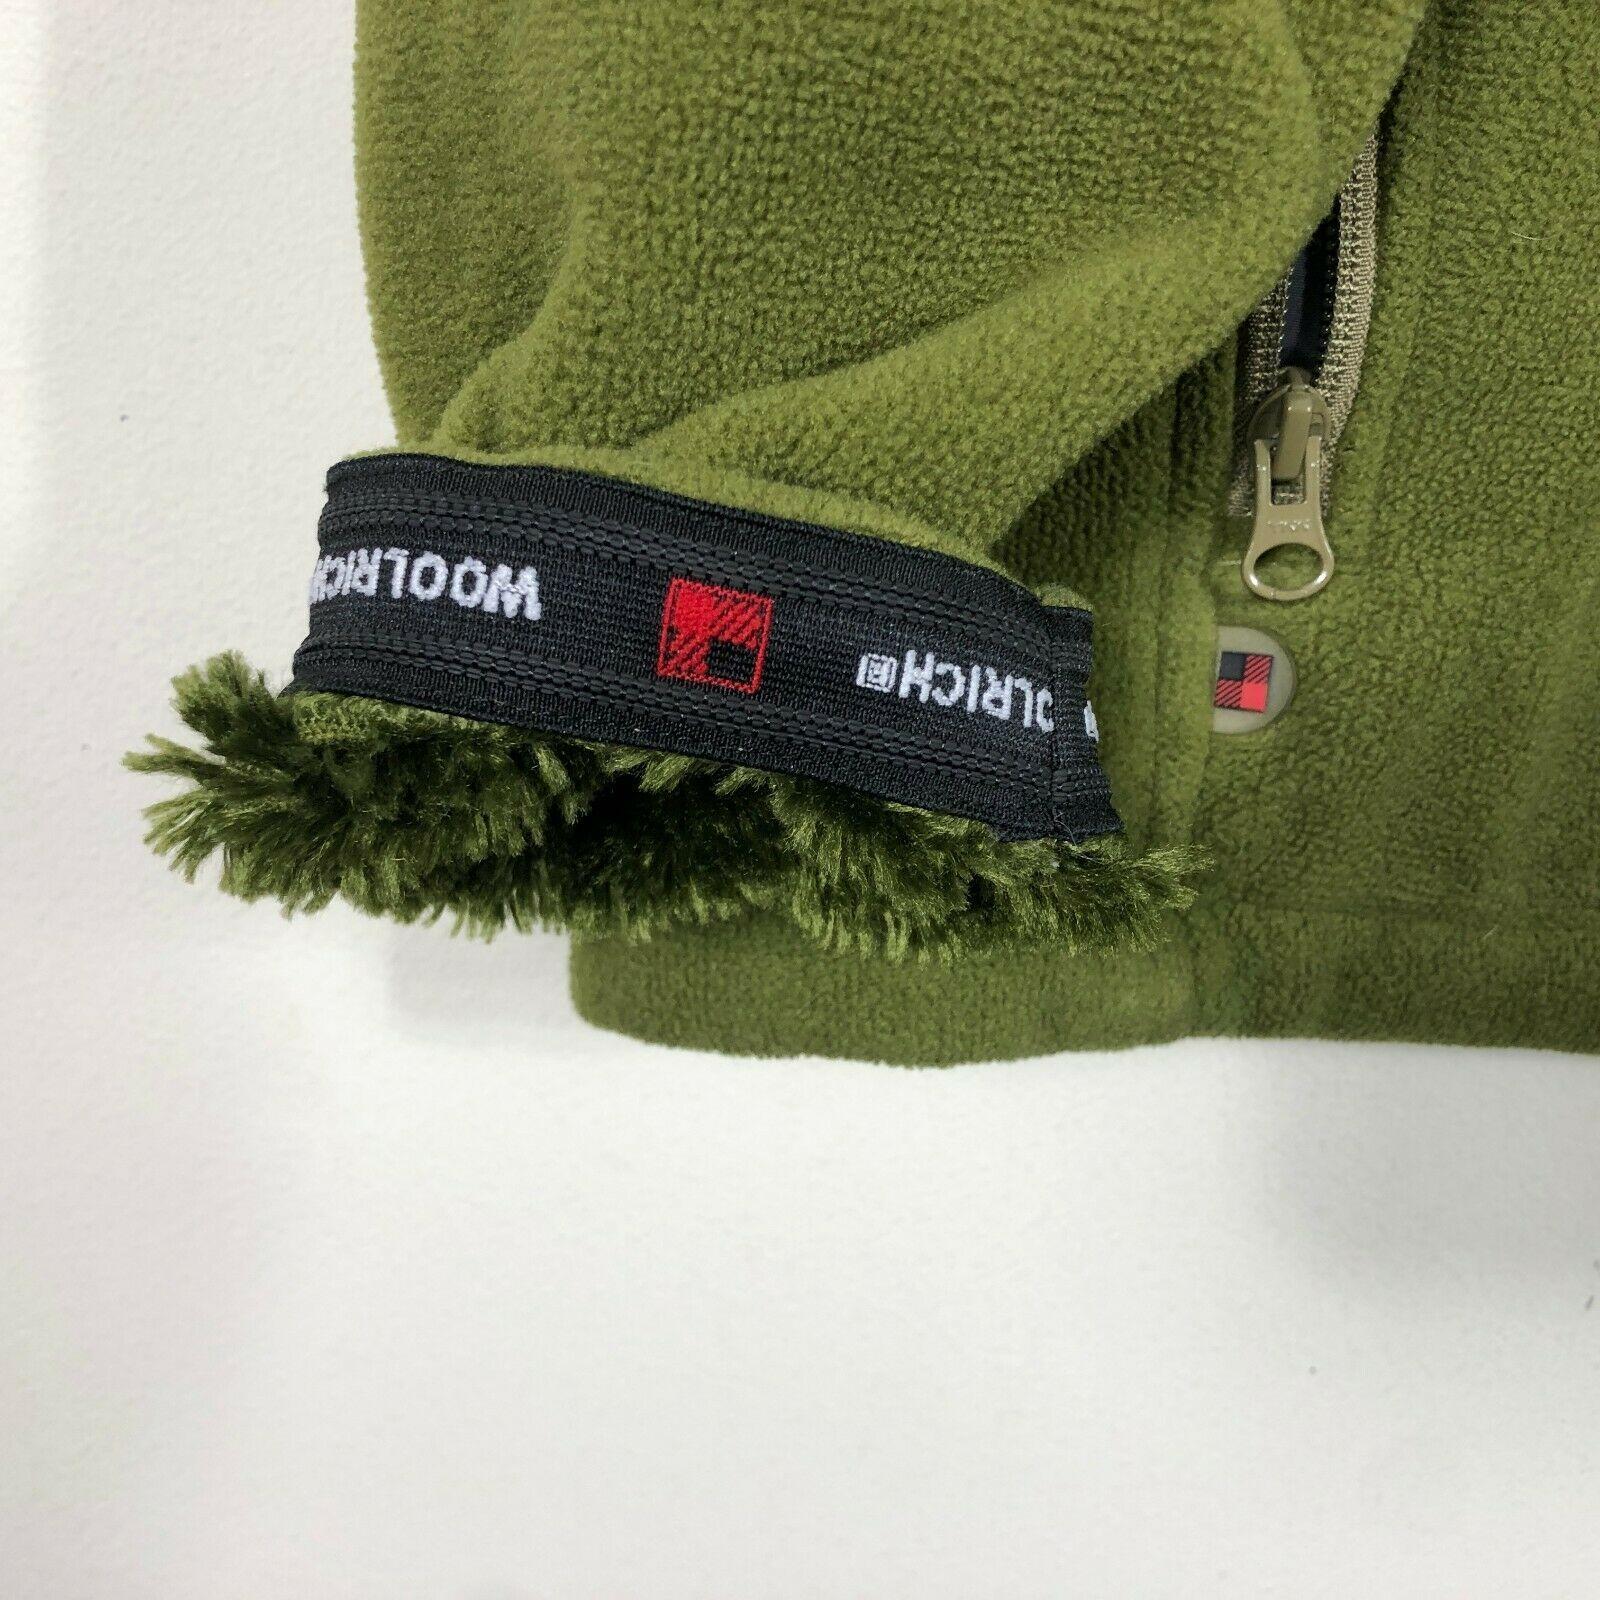 WoolRich Pile Fleece Jacket 1/2 Zip Men's M Green Long Sleeve Faux Fur Lined image 5